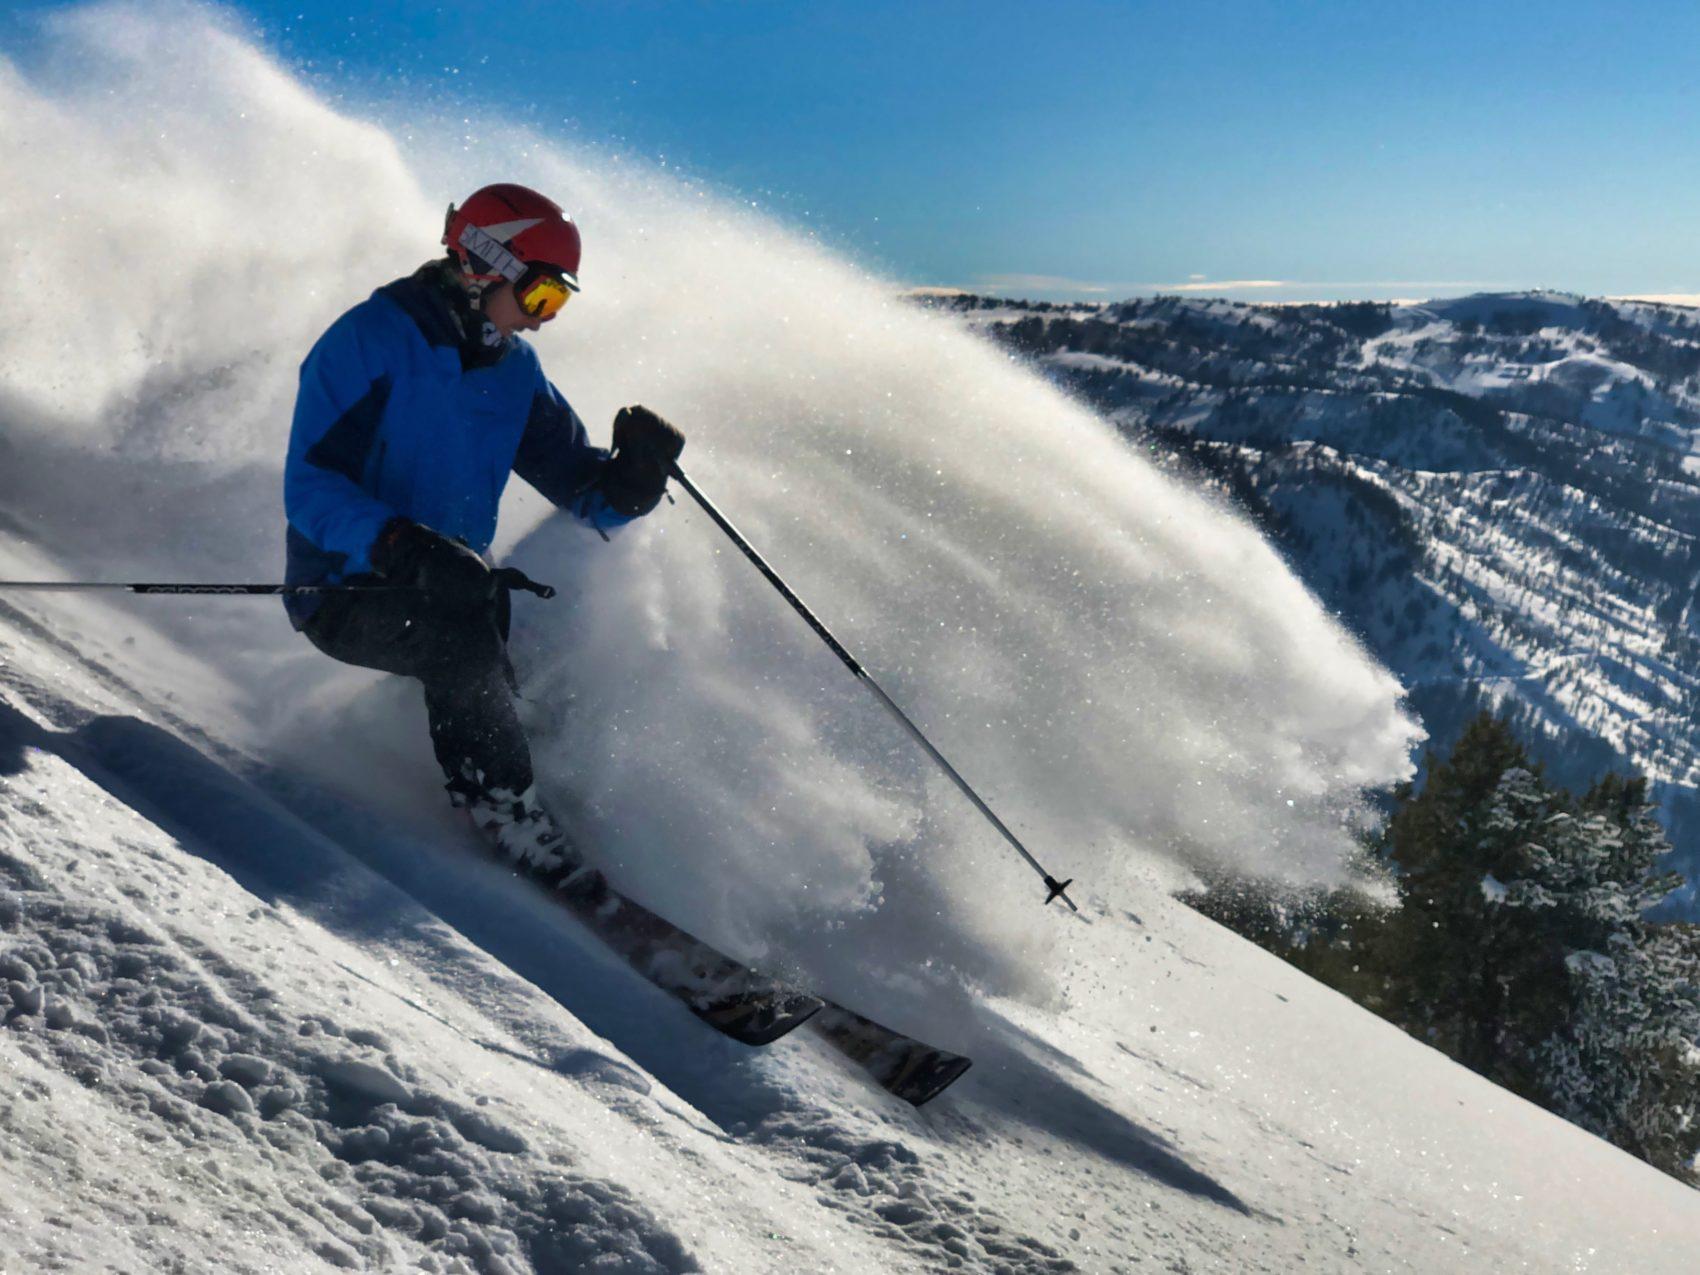 whisper ridge, Heli-skiing, utah